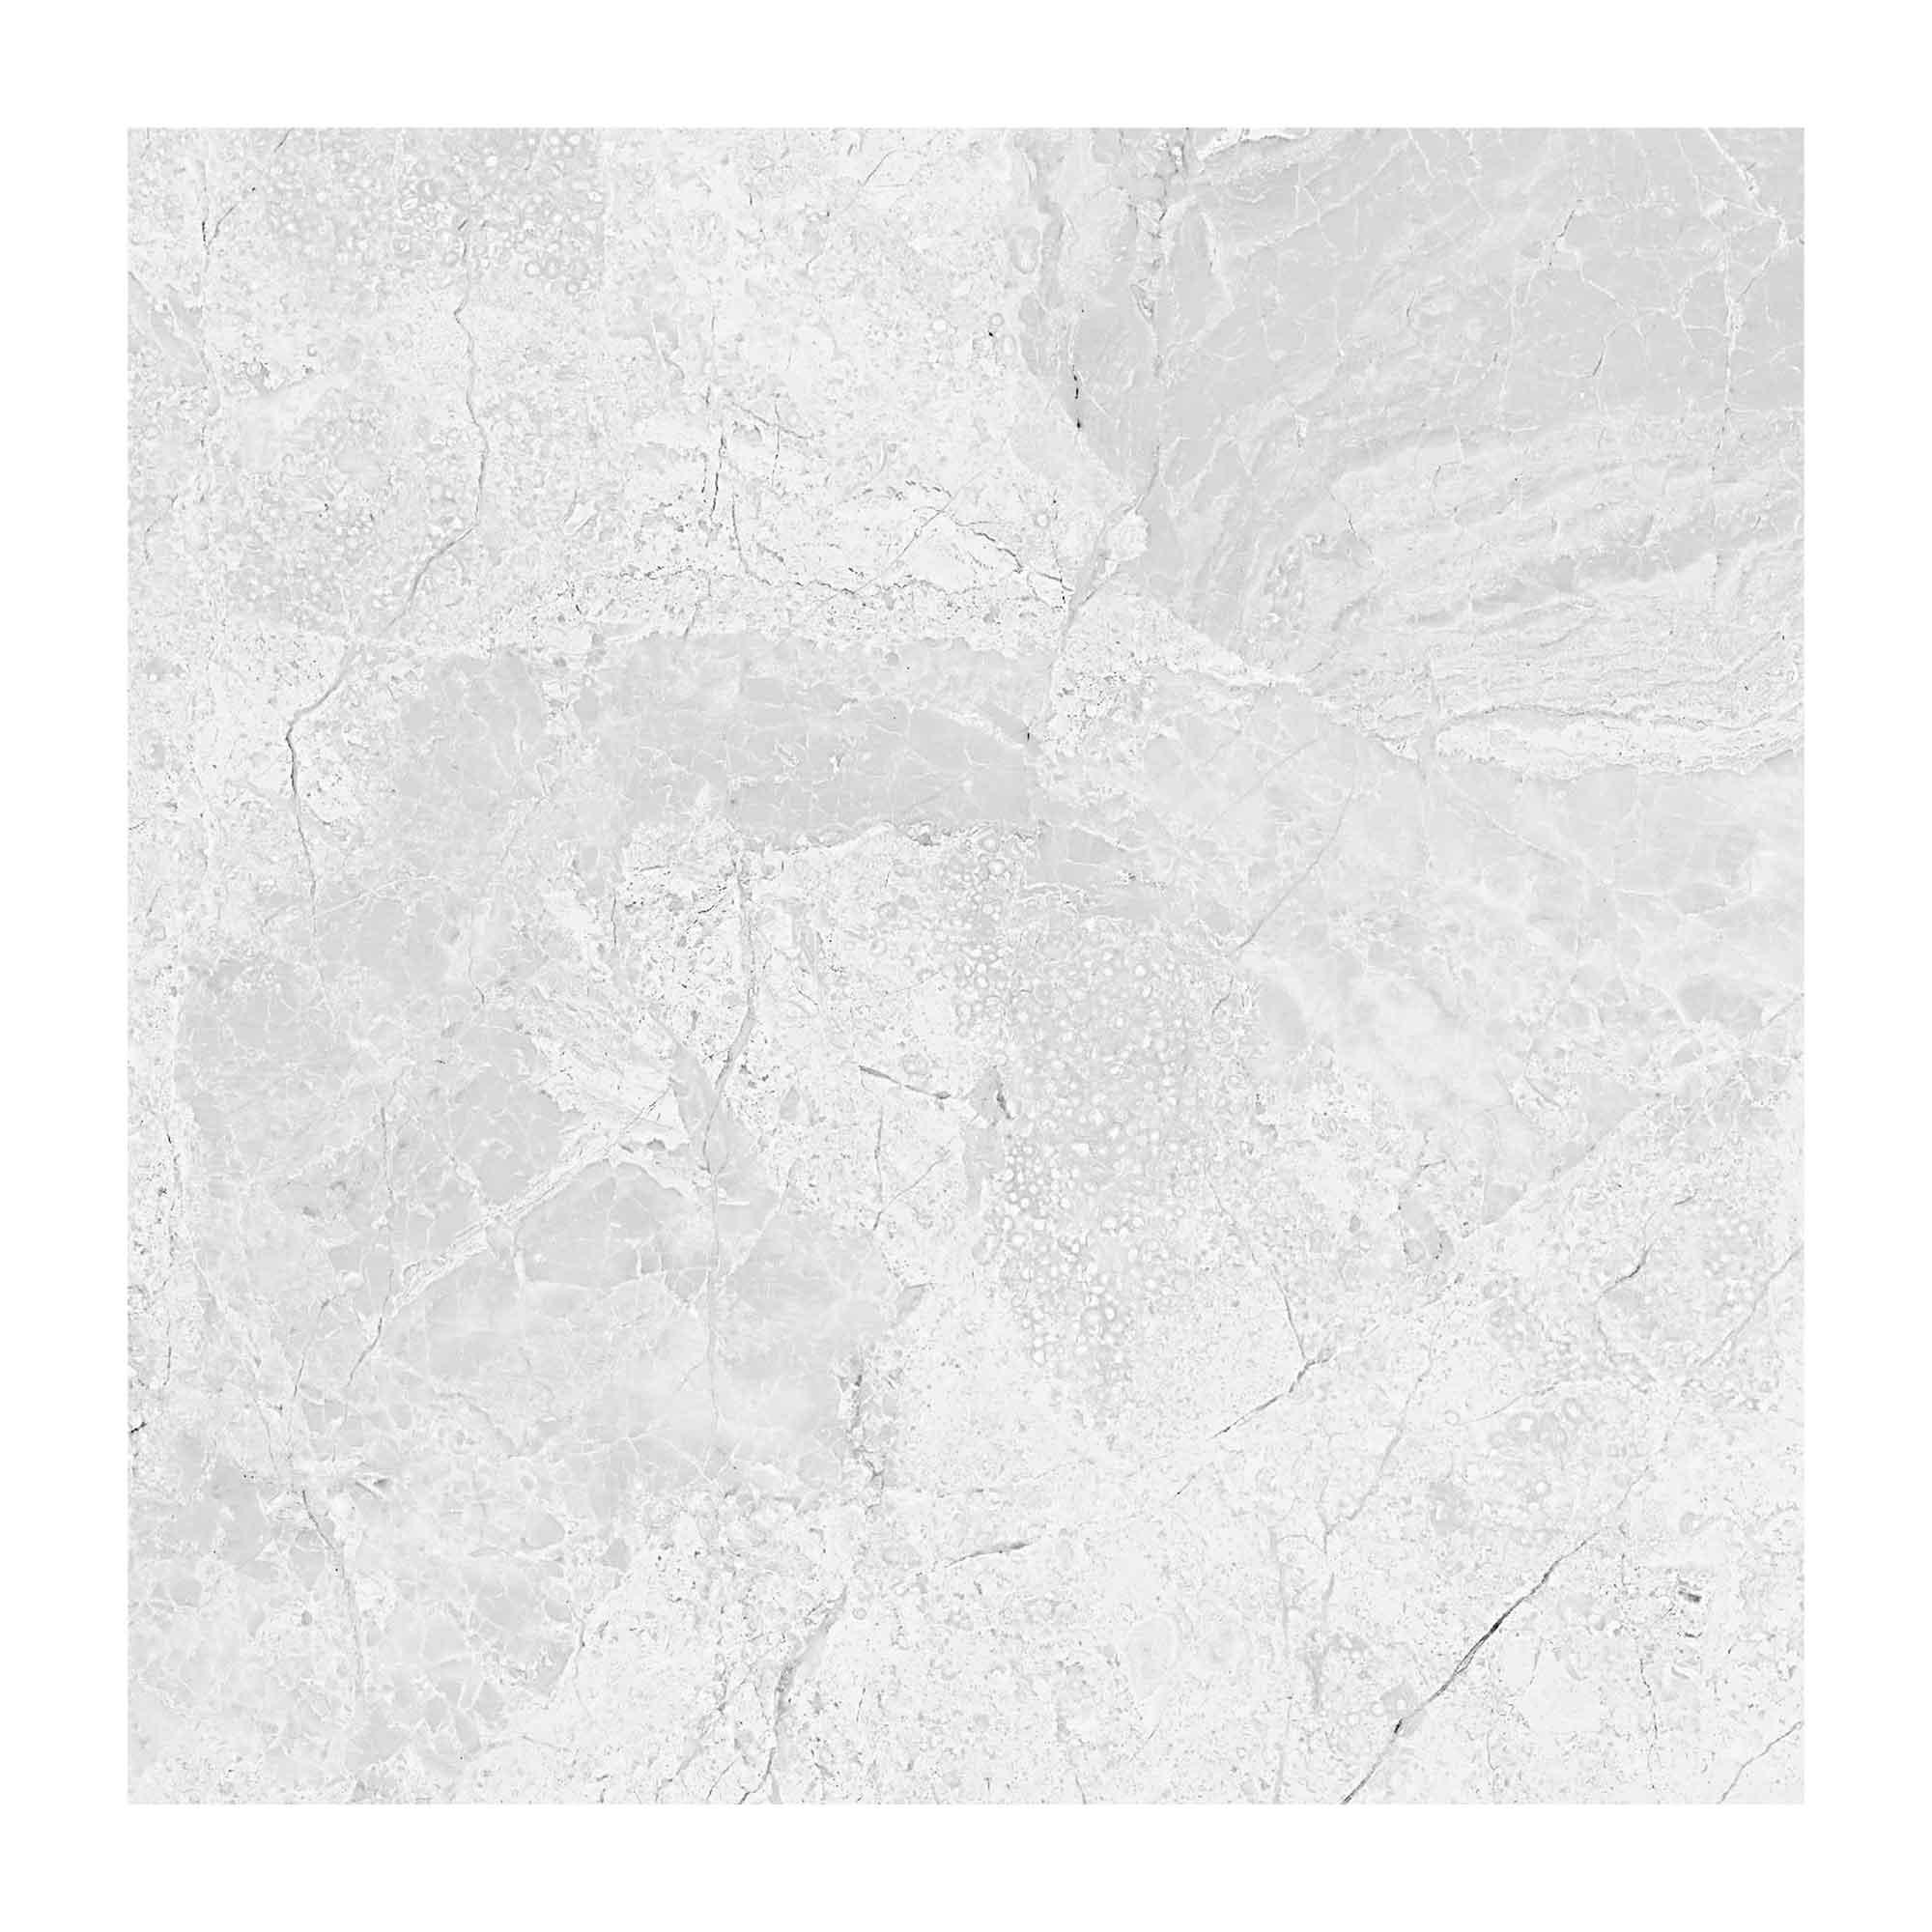 Gresie Cesarom Baccarin gri mat, patrata, PEI 4, 33 x 33 x 0,80 cm